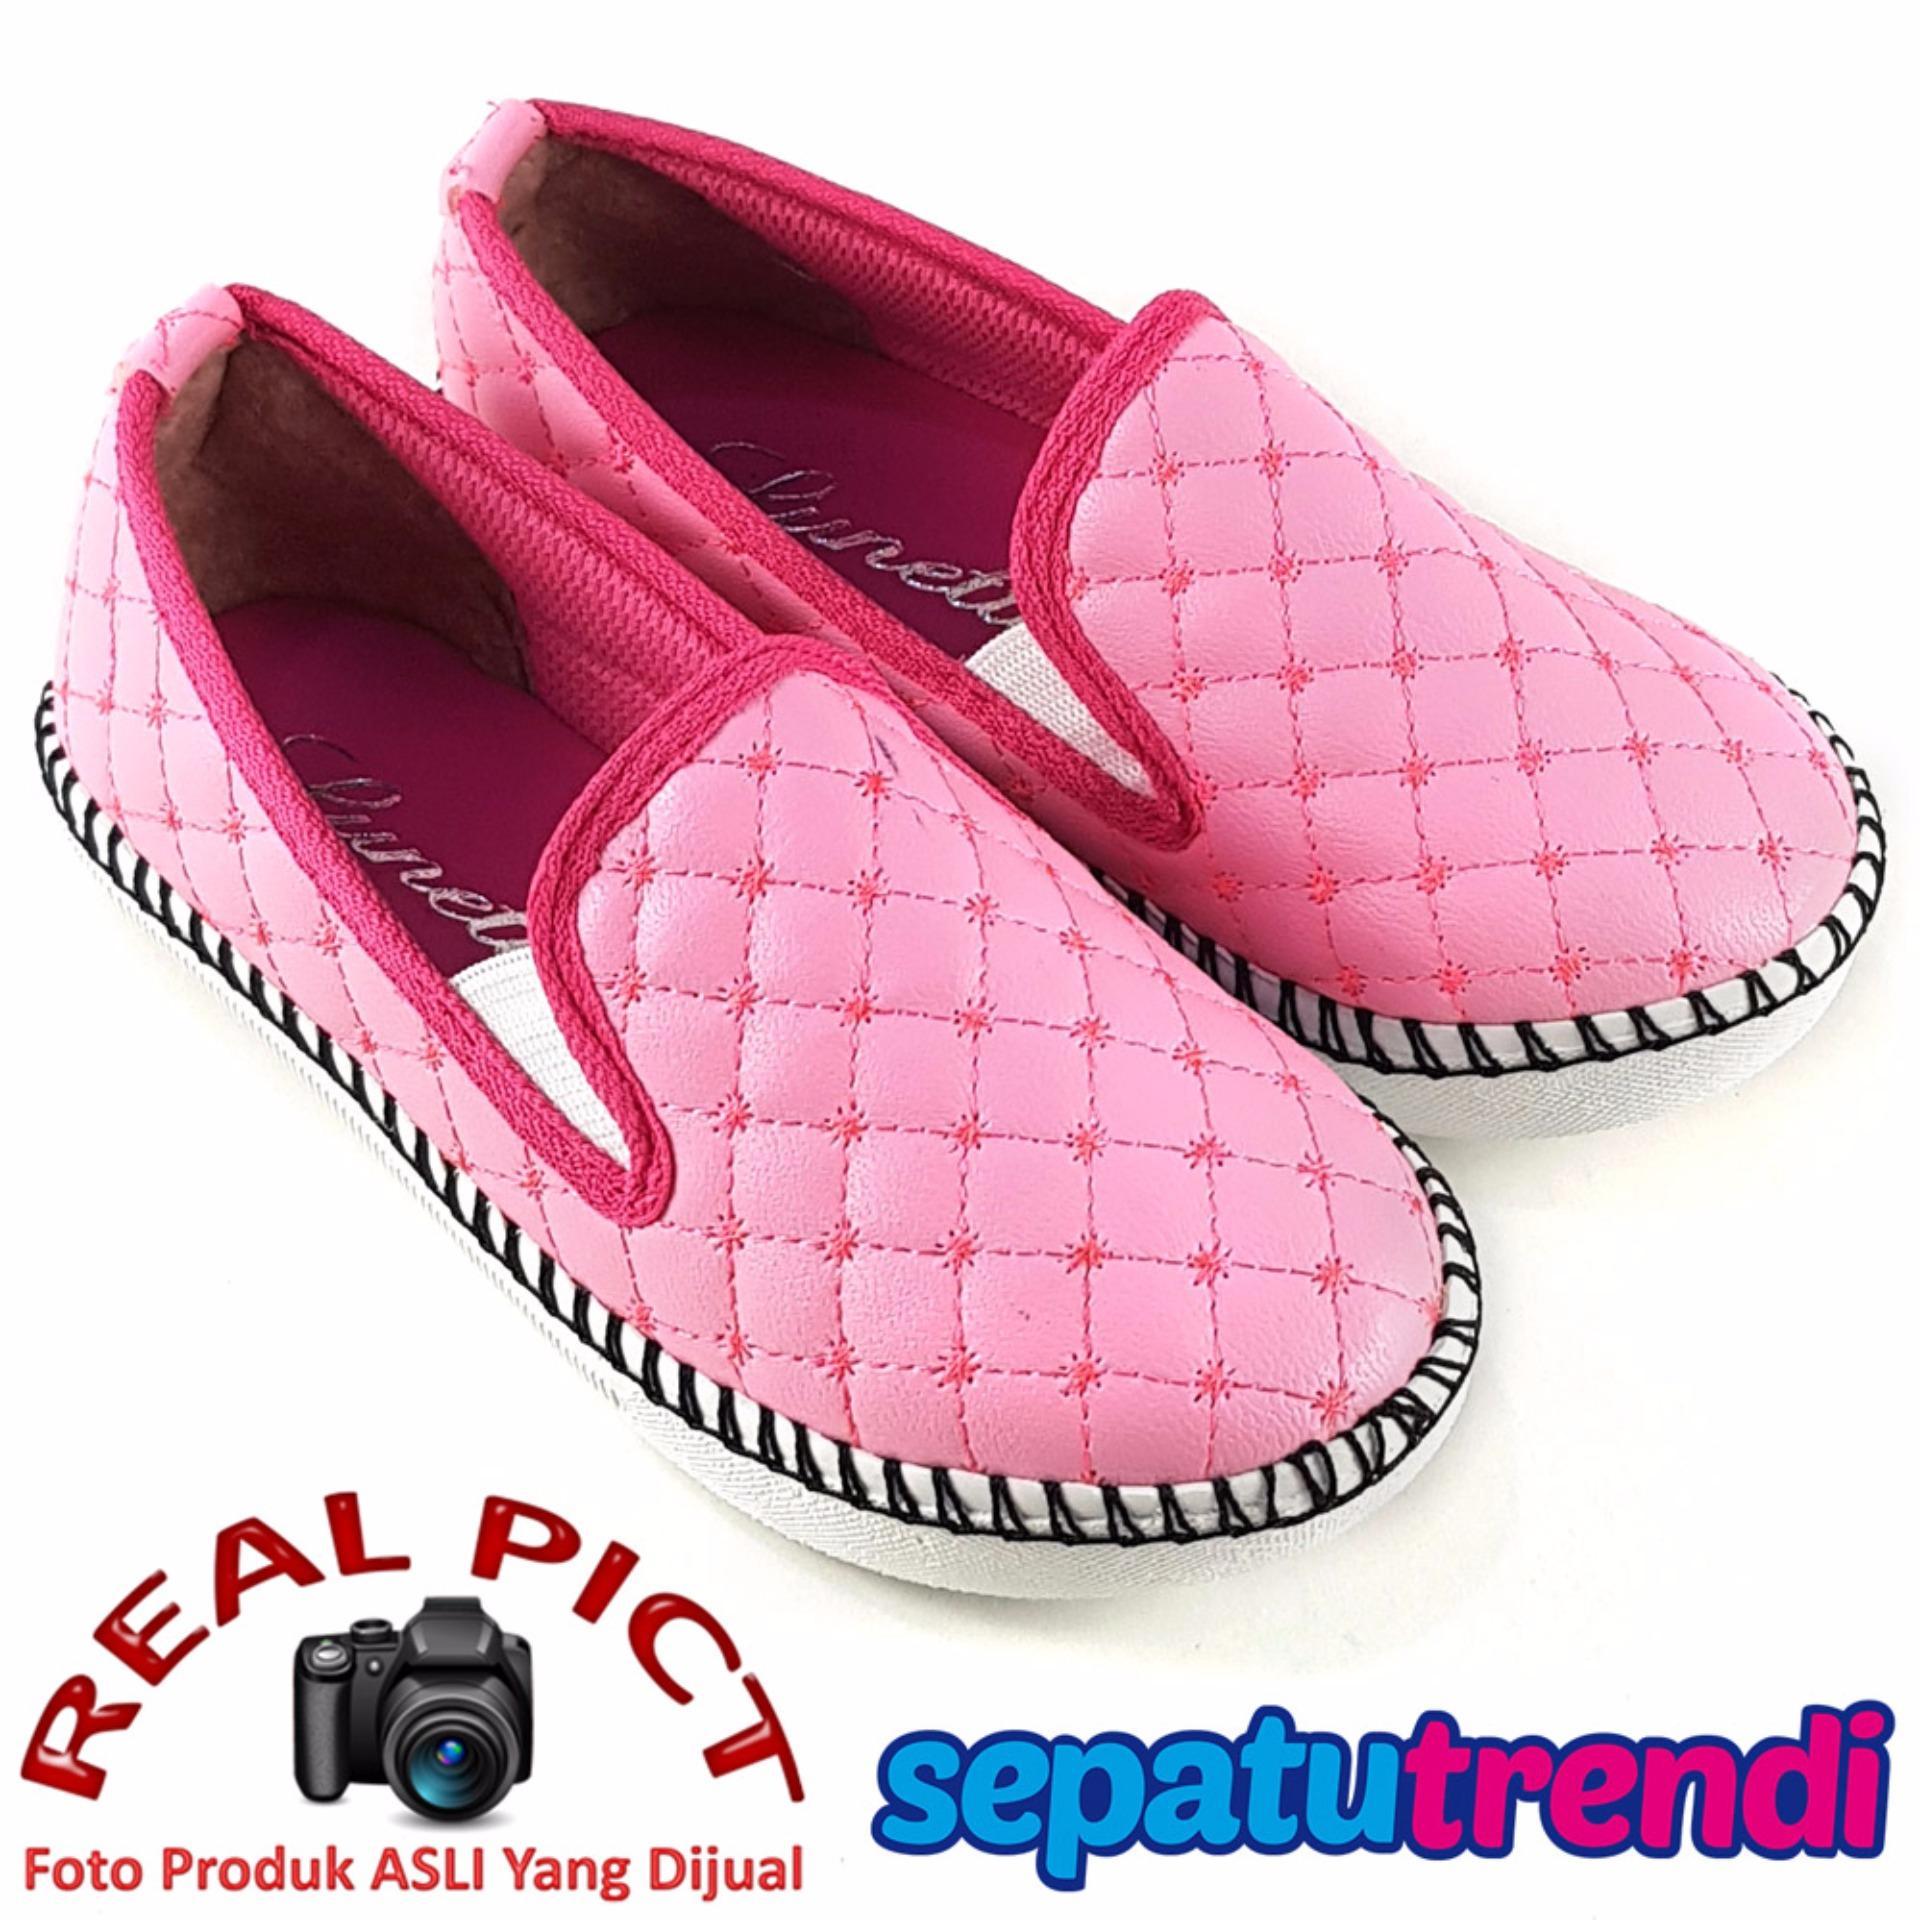 Tips Beli Lunetta Sepatu Anak Perempuan Slip On Sol Rajut Rjag Pink Yang Bagus